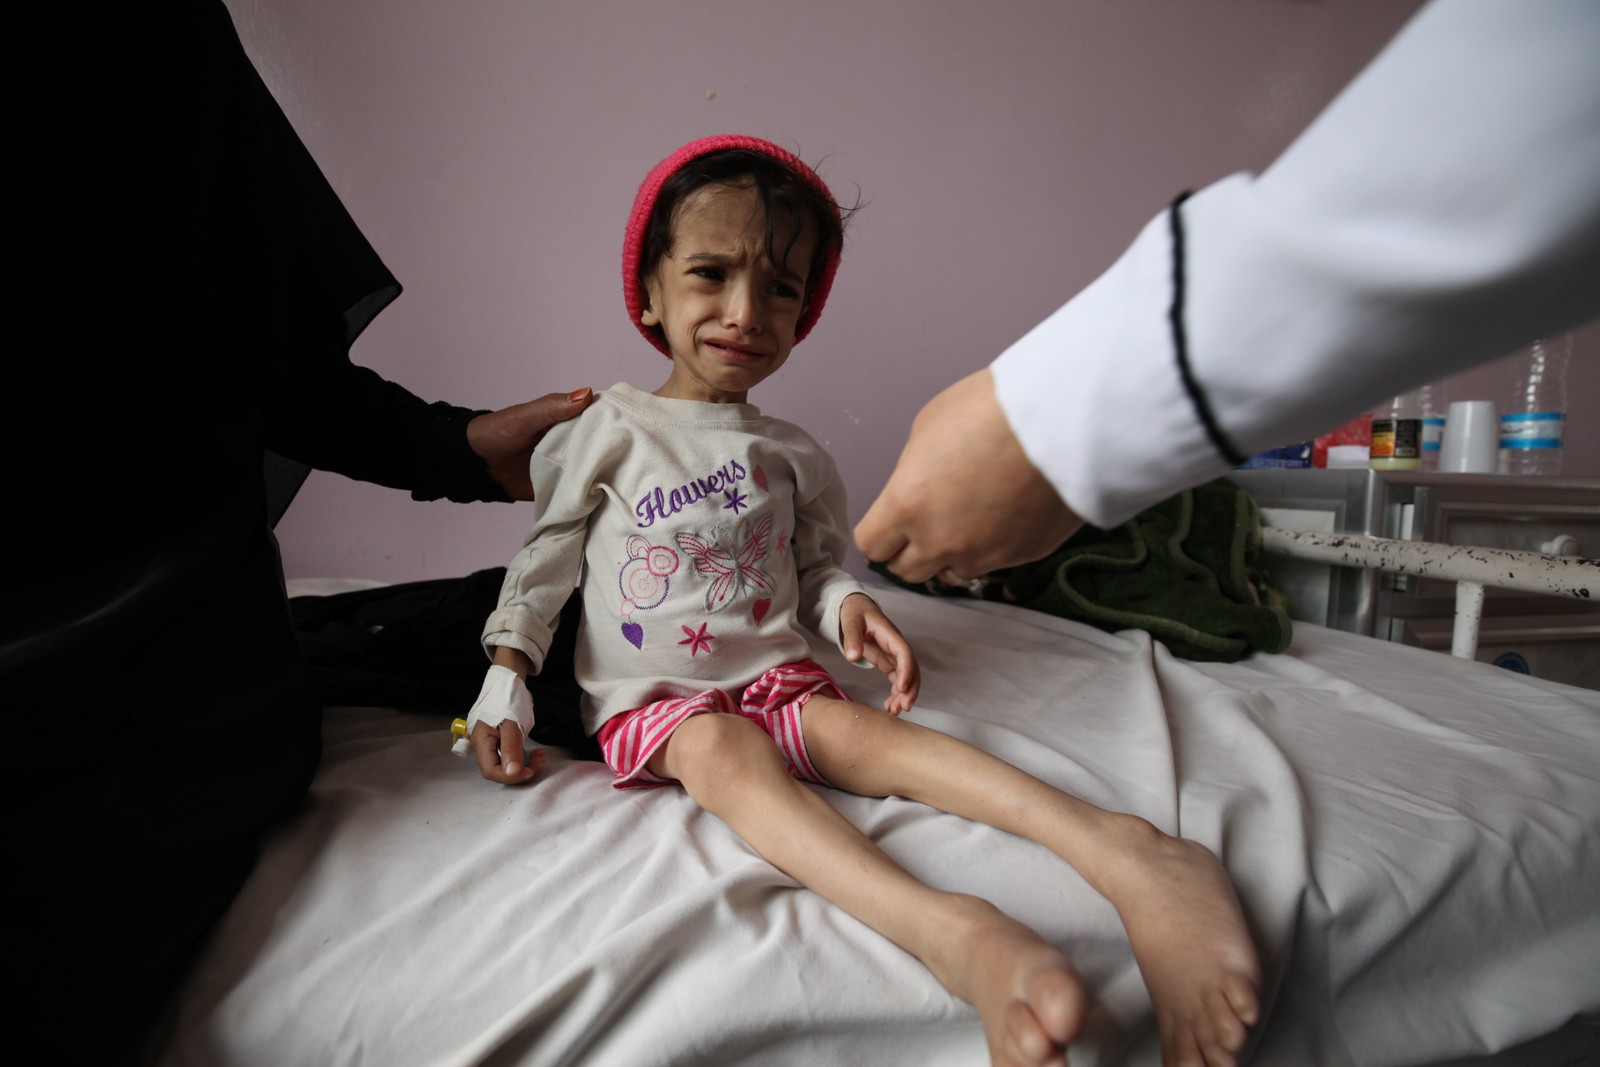 2 år og åtte måneder gamle Hanadi veier bare sju kilo. Hun er underernært og kan ikke gå, skriver Unicef. Hun er innlagt på Sabeen sykehus i Jemens hovedstad Sana. Fotografert 30. juli, 2015.